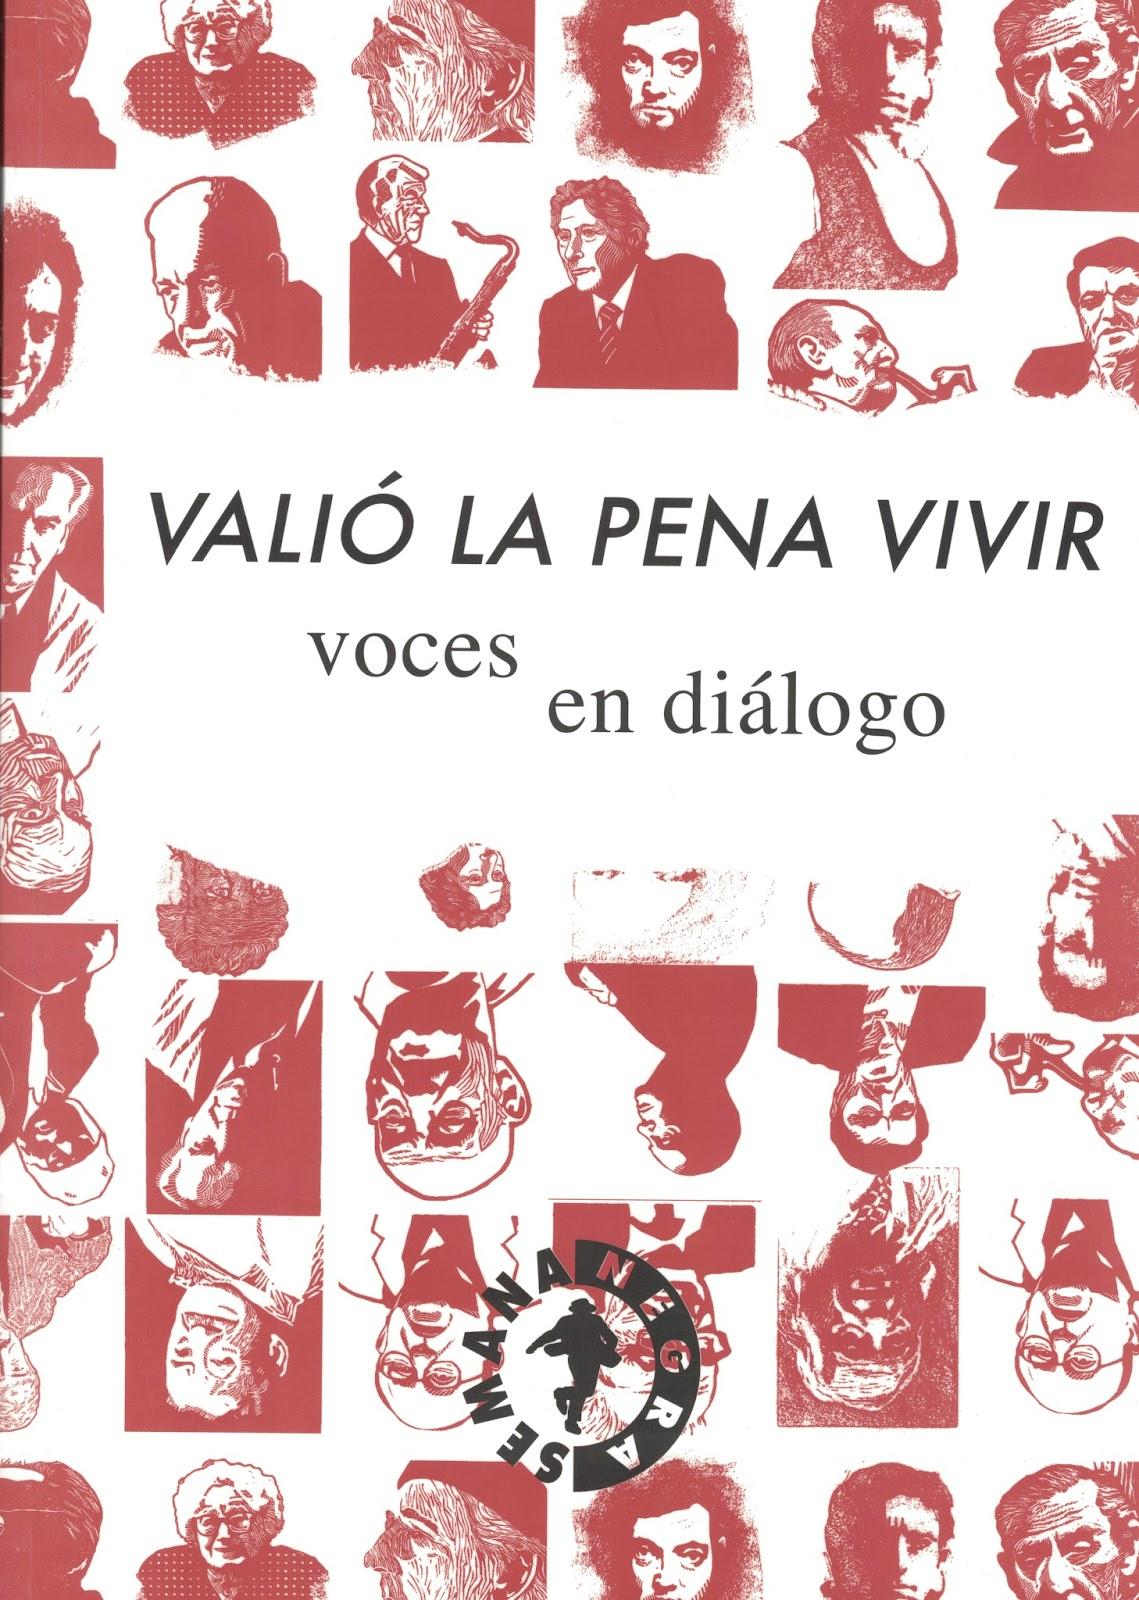 VALIÓ LA PENA VIVIR Semana Negra Gijón 2015